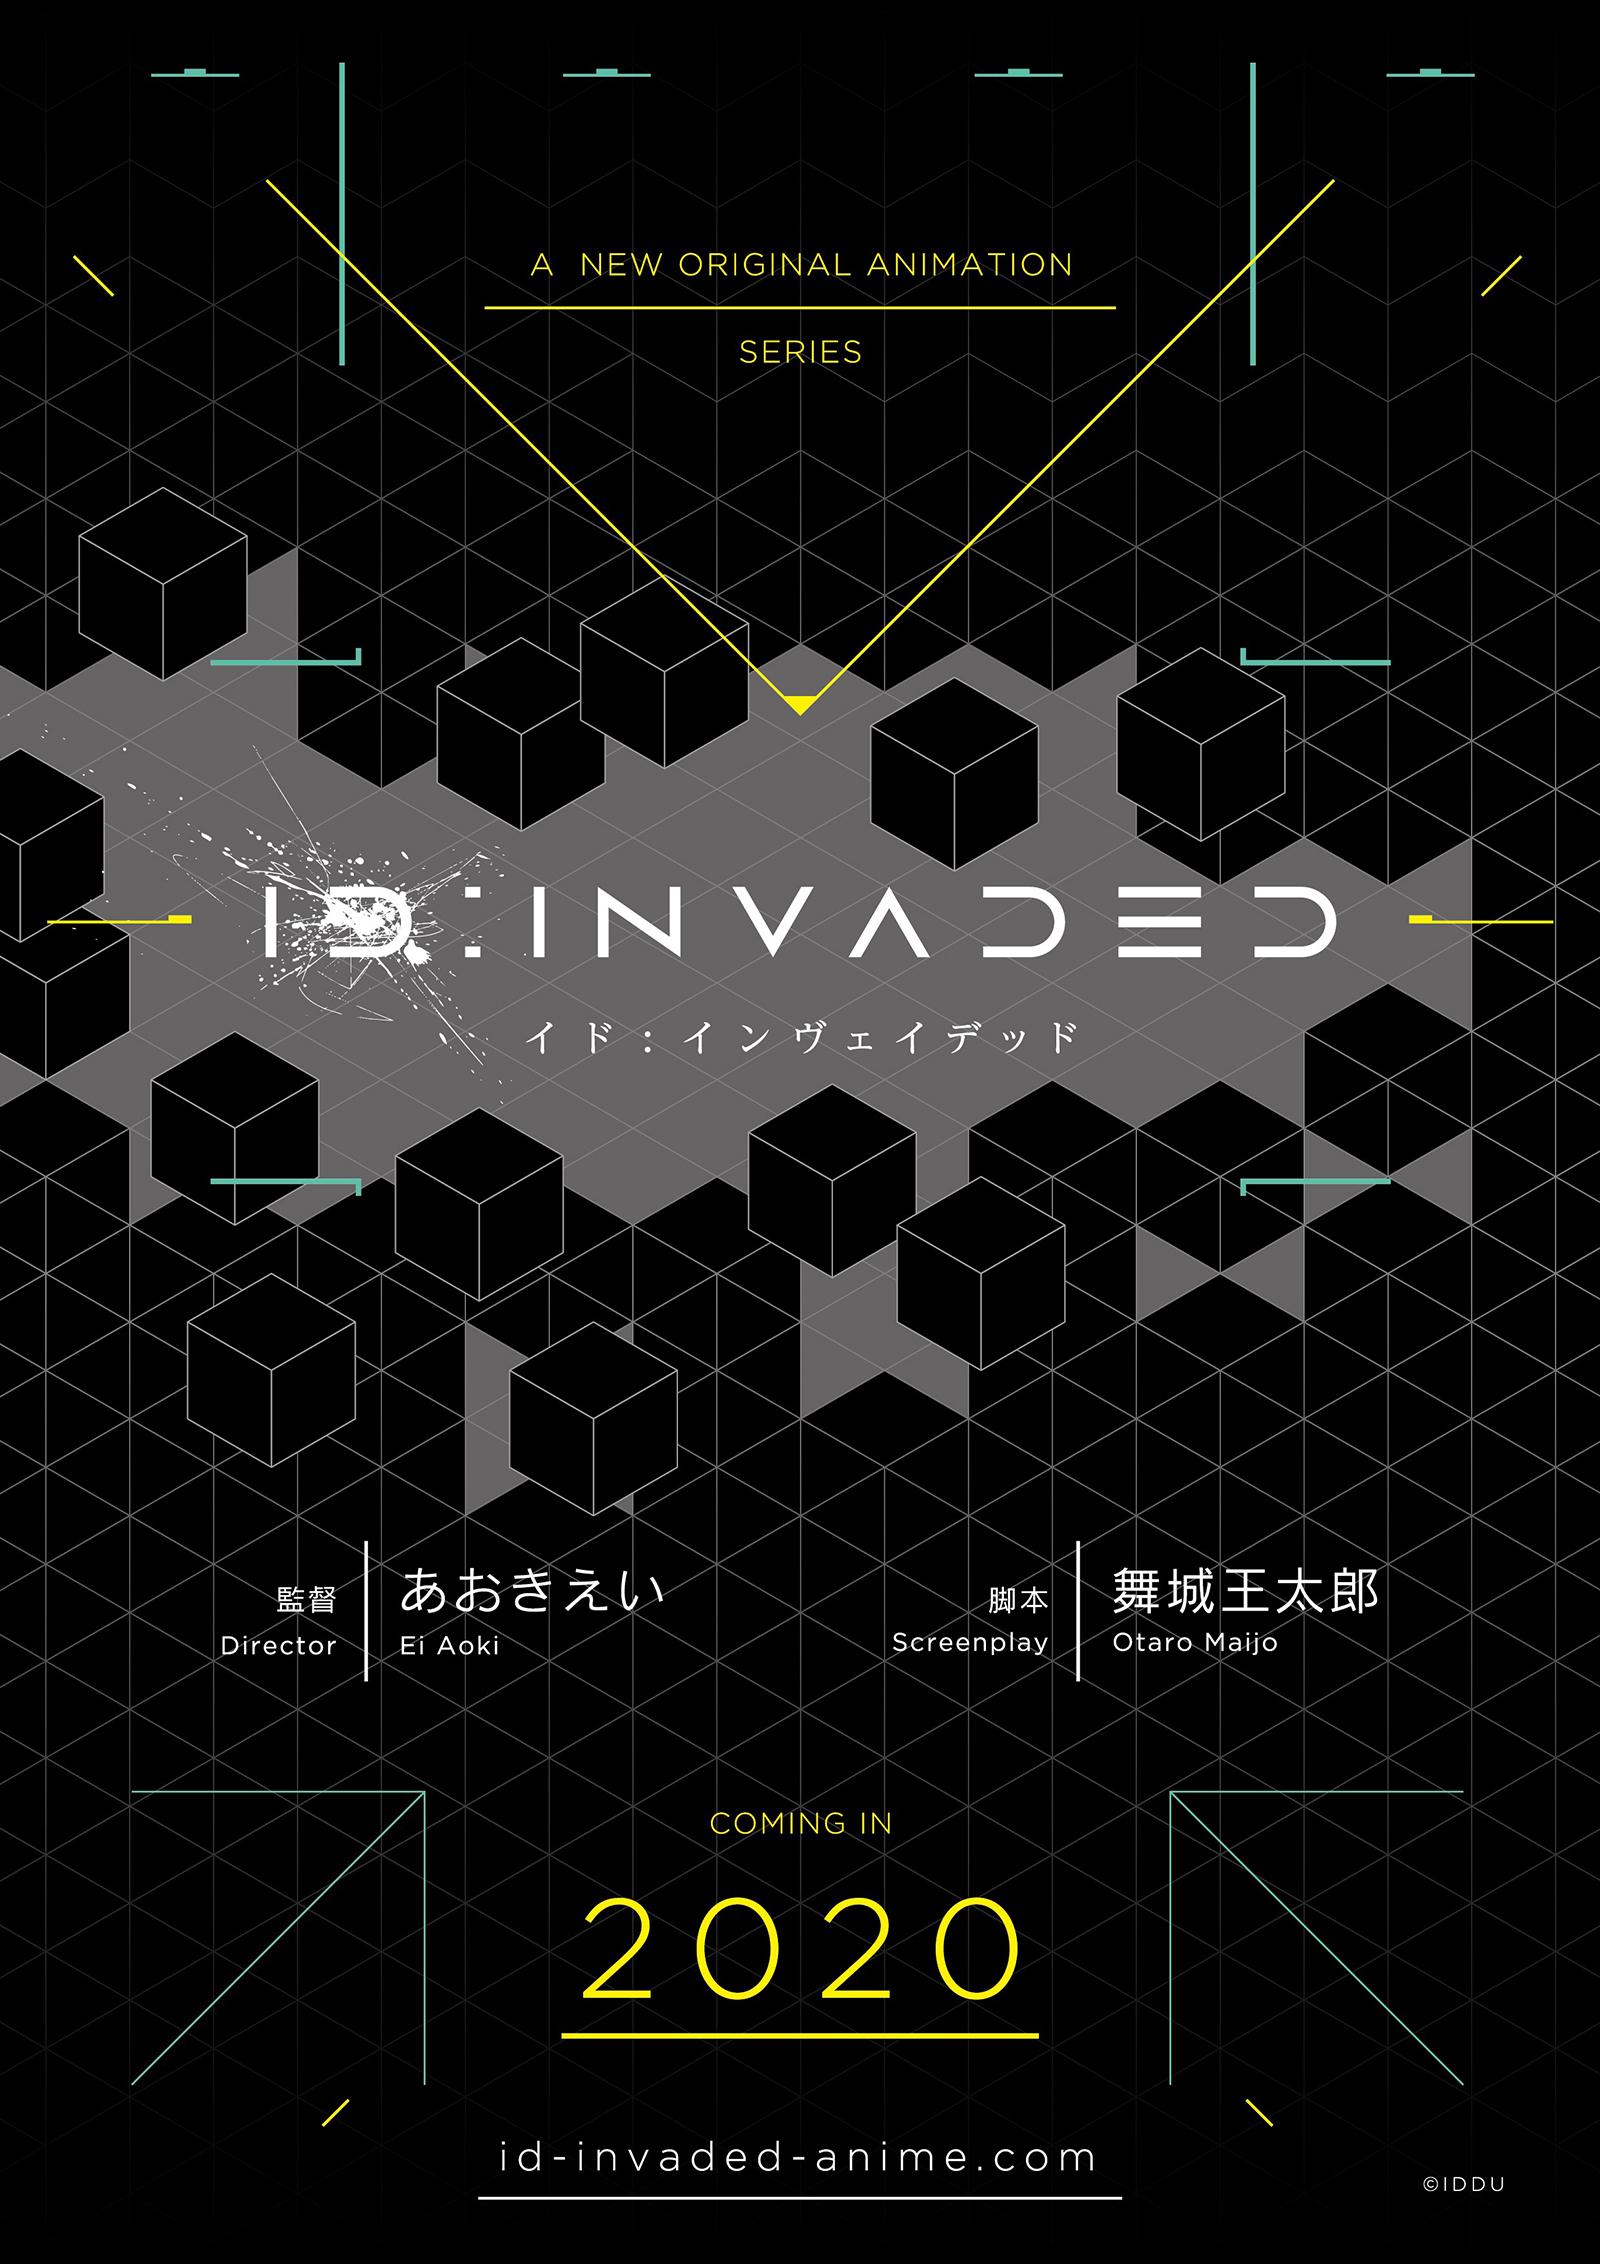 『ID:INVADED イド:インヴェイデッド』キービジュアル ©IDDU ©2019「イド:インヴェイデッド」製作委員会